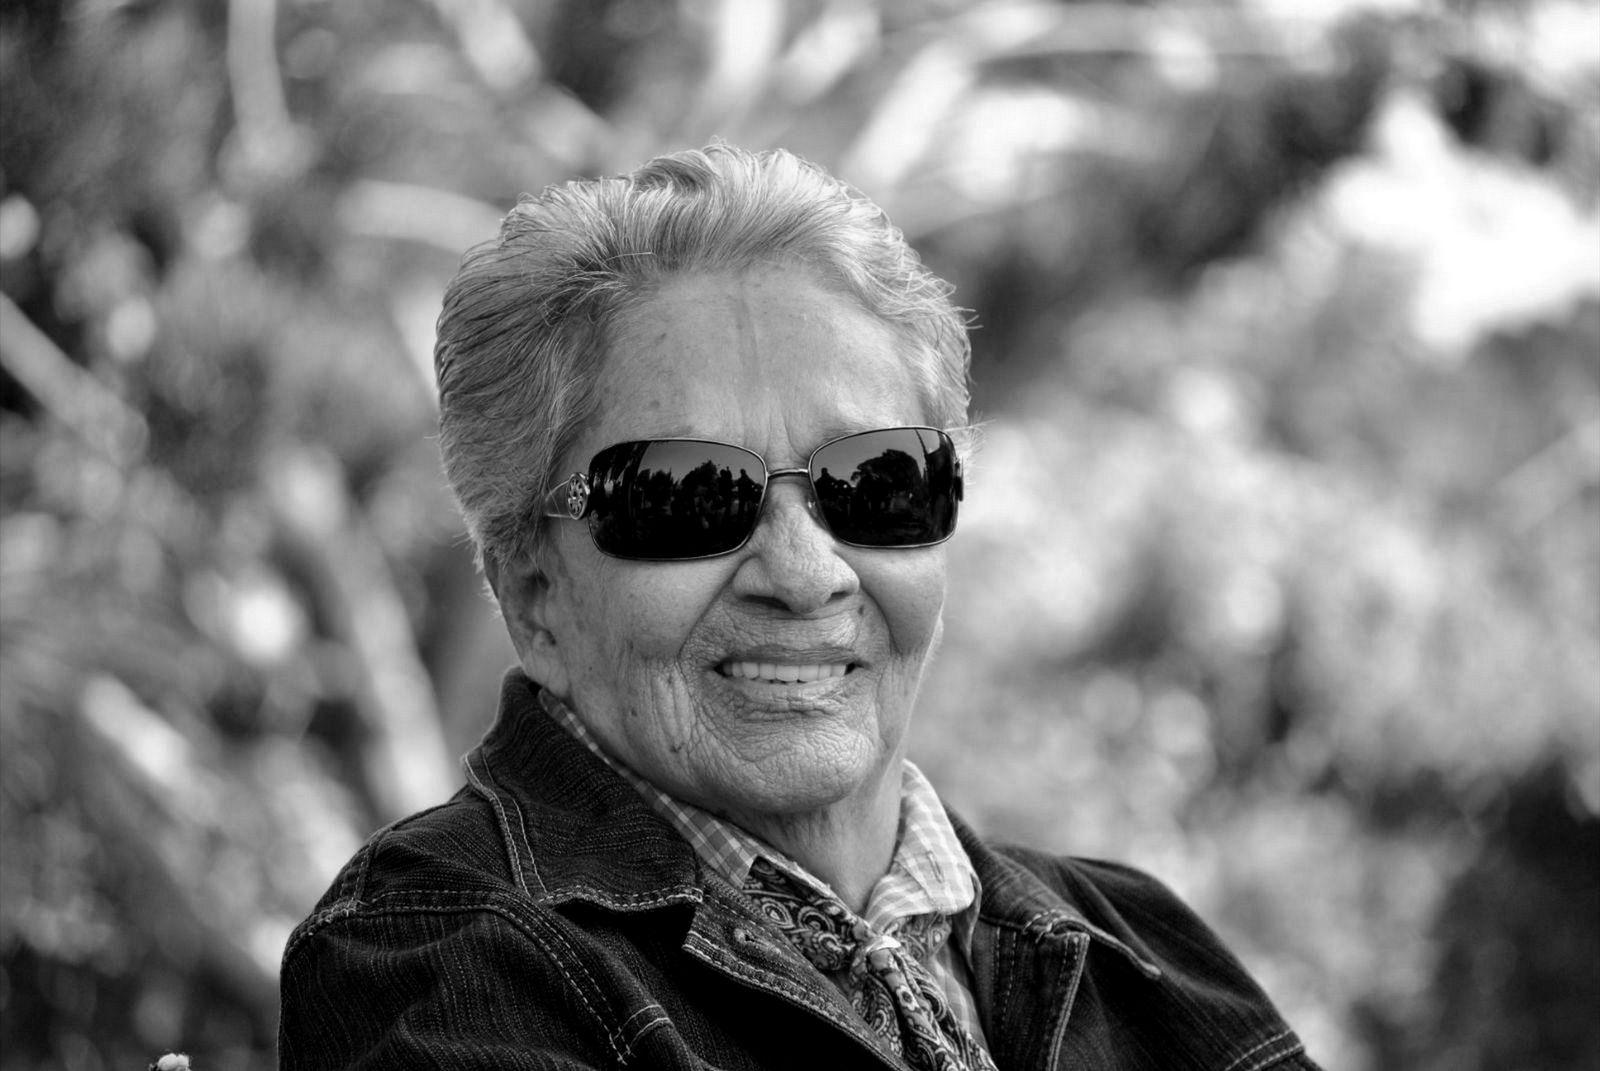 EINMALIGE VERWENDUNG Chavela Vargas dies in Mexico at 93 years old (1373224)